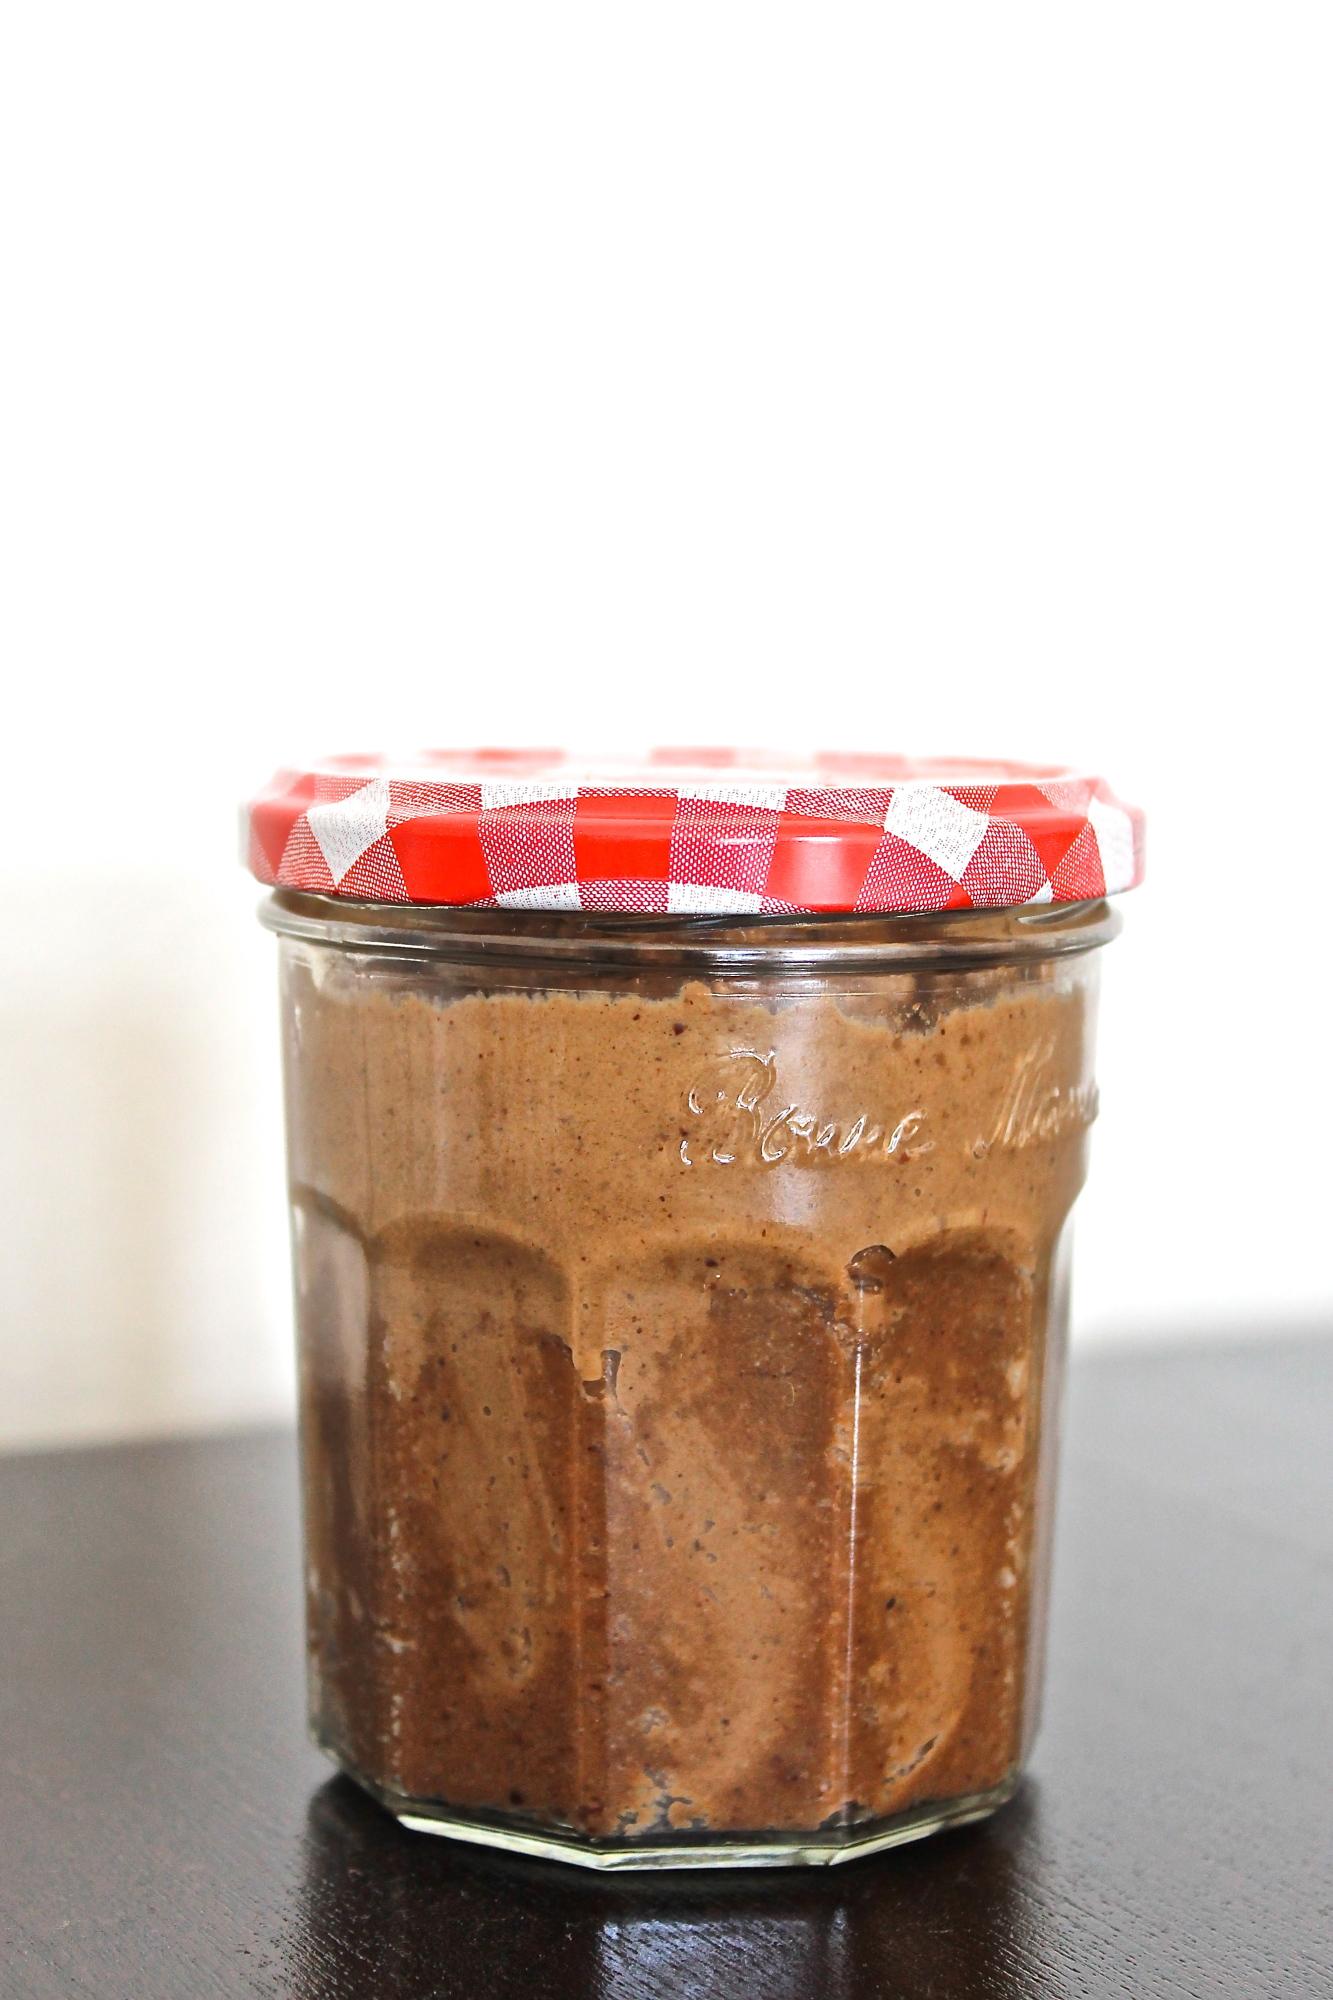 healthy chocolate hazelnut spread